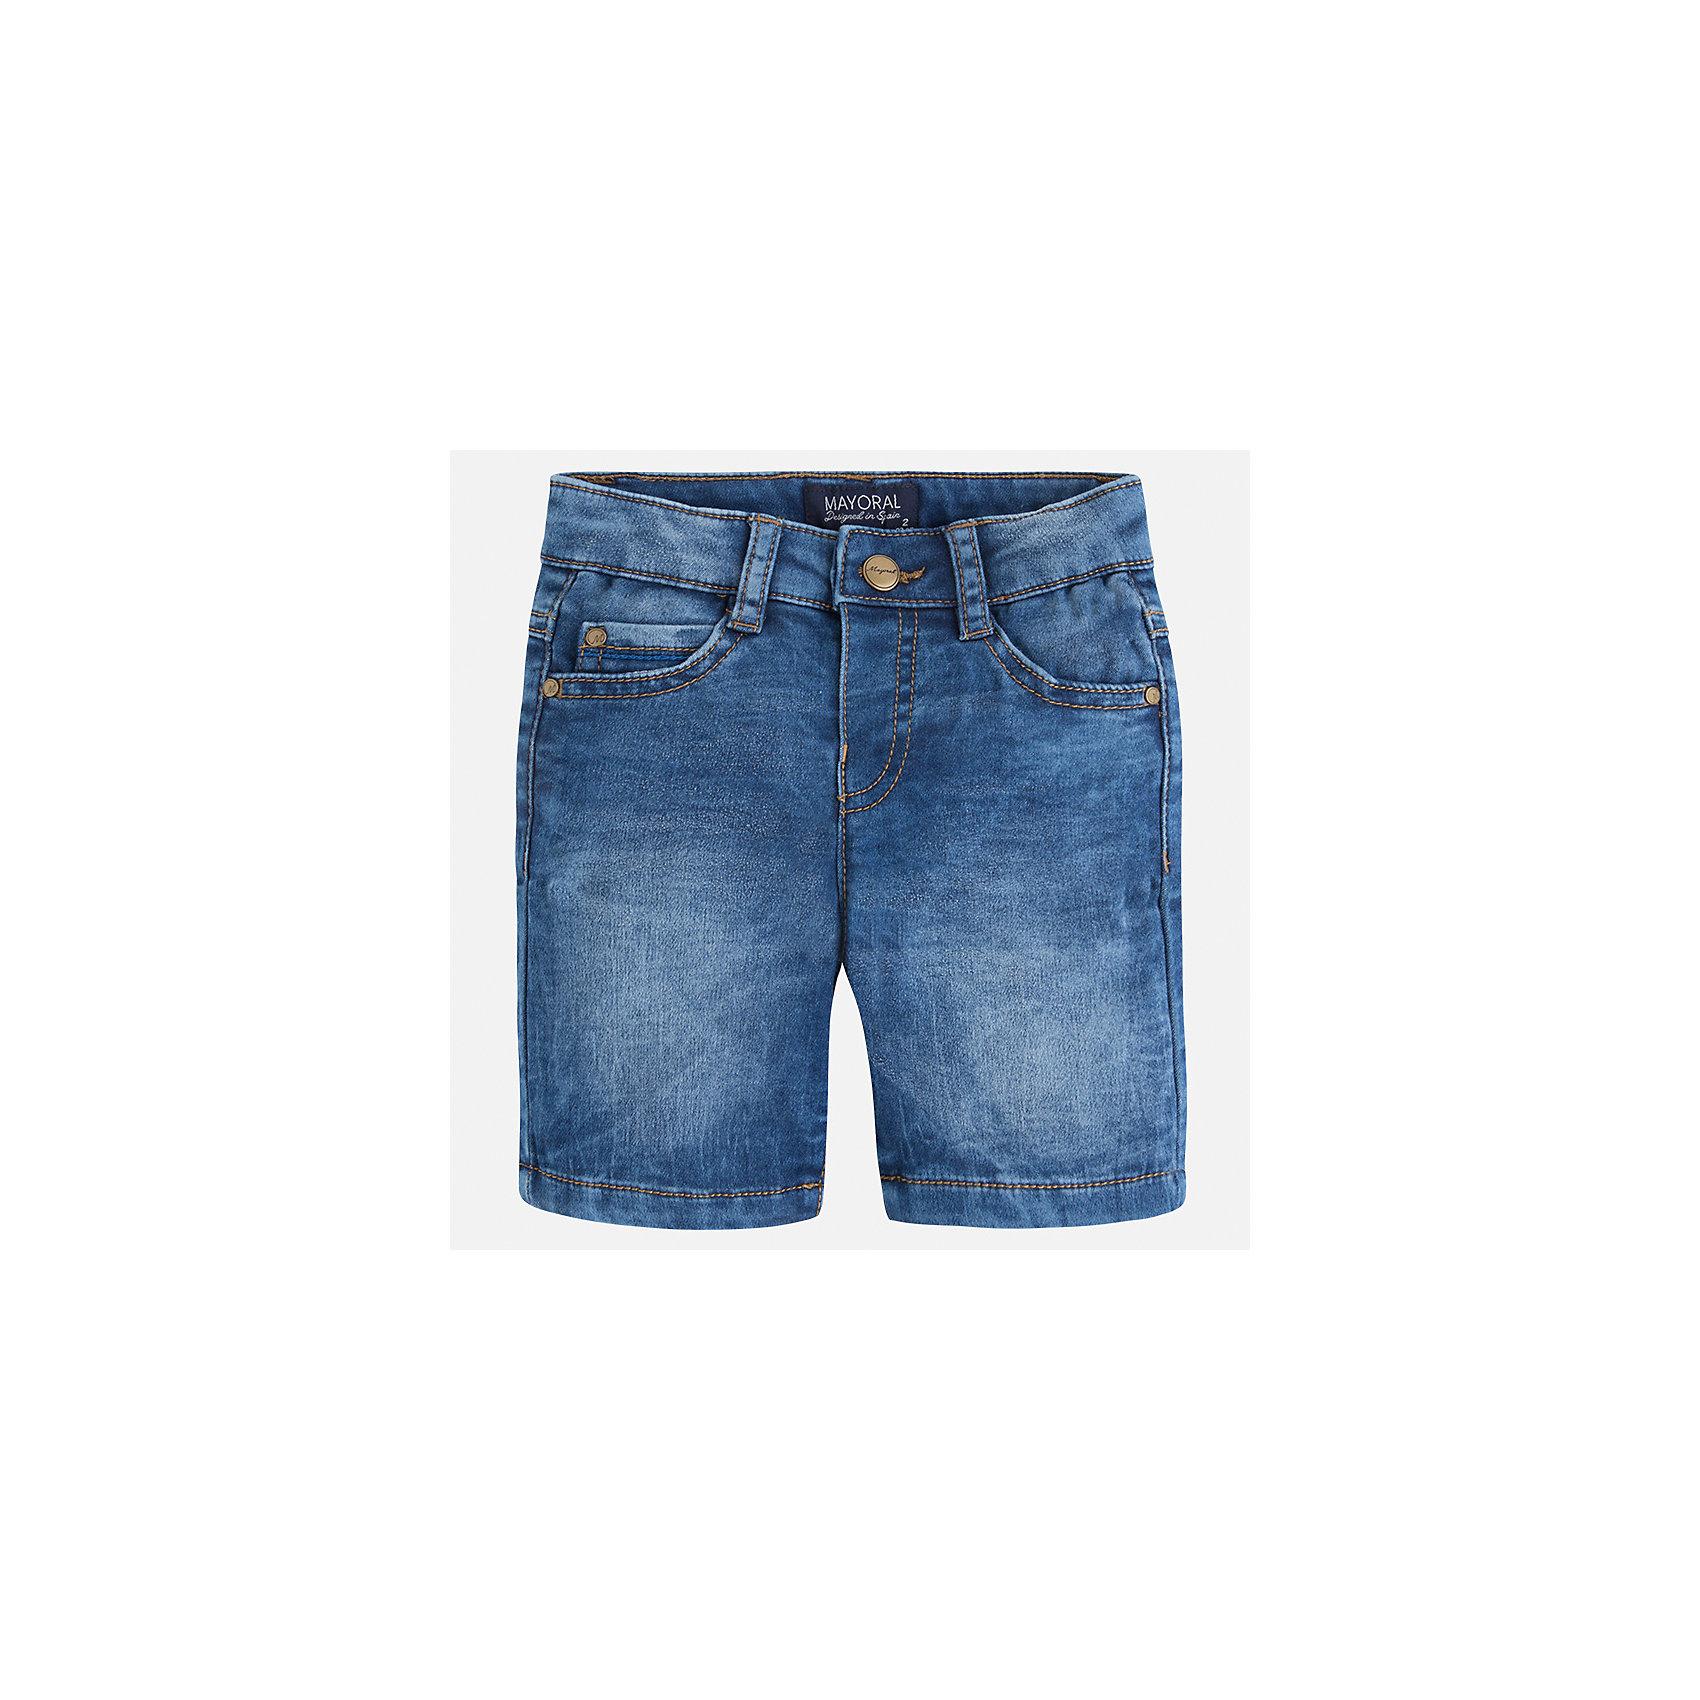 Бриджи джинсовые для мальчика MayoralДжинсовая одежда<br>Характеристики товара:<br><br>• цвет: джинс<br>• состав: текстиль<br>• шлевки<br>• карманы<br>• пояс с регулировкой объема<br>• имитация потертости<br>• страна бренда: Испания<br><br>Модные бриджи для мальчика смогут стать базовой вещью в гардеробе ребенка. Они отлично сочетаются с майками, футболками, рубашками и т.д. Универсальный крой и цвет позволяет подобрать к вещи верх разных расцветок. Практичное и стильное изделие! В составе материала - натуральный хлопок, гипоаллергенный, приятный на ощупь, дышащий.<br><br>Одежда, обувь и аксессуары от испанского бренда Mayoral полюбились детям и взрослым по всему миру. Модели этой марки - стильные и удобные. Для их производства используются только безопасные, качественные материалы и фурнитура. Порадуйте ребенка модными и красивыми вещами от Mayoral! <br><br>Бриджи для мальчика от испанского бренда Mayoral (Майорал) можно купить в нашем интернет-магазине.<br><br>Ширина мм: 191<br>Глубина мм: 10<br>Высота мм: 175<br>Вес г: 273<br>Цвет: синий<br>Возраст от месяцев: 36<br>Возраст до месяцев: 48<br>Пол: Мужской<br>Возраст: Детский<br>Размер: 104,116,122,134,110,98,92,128<br>SKU: 5272558